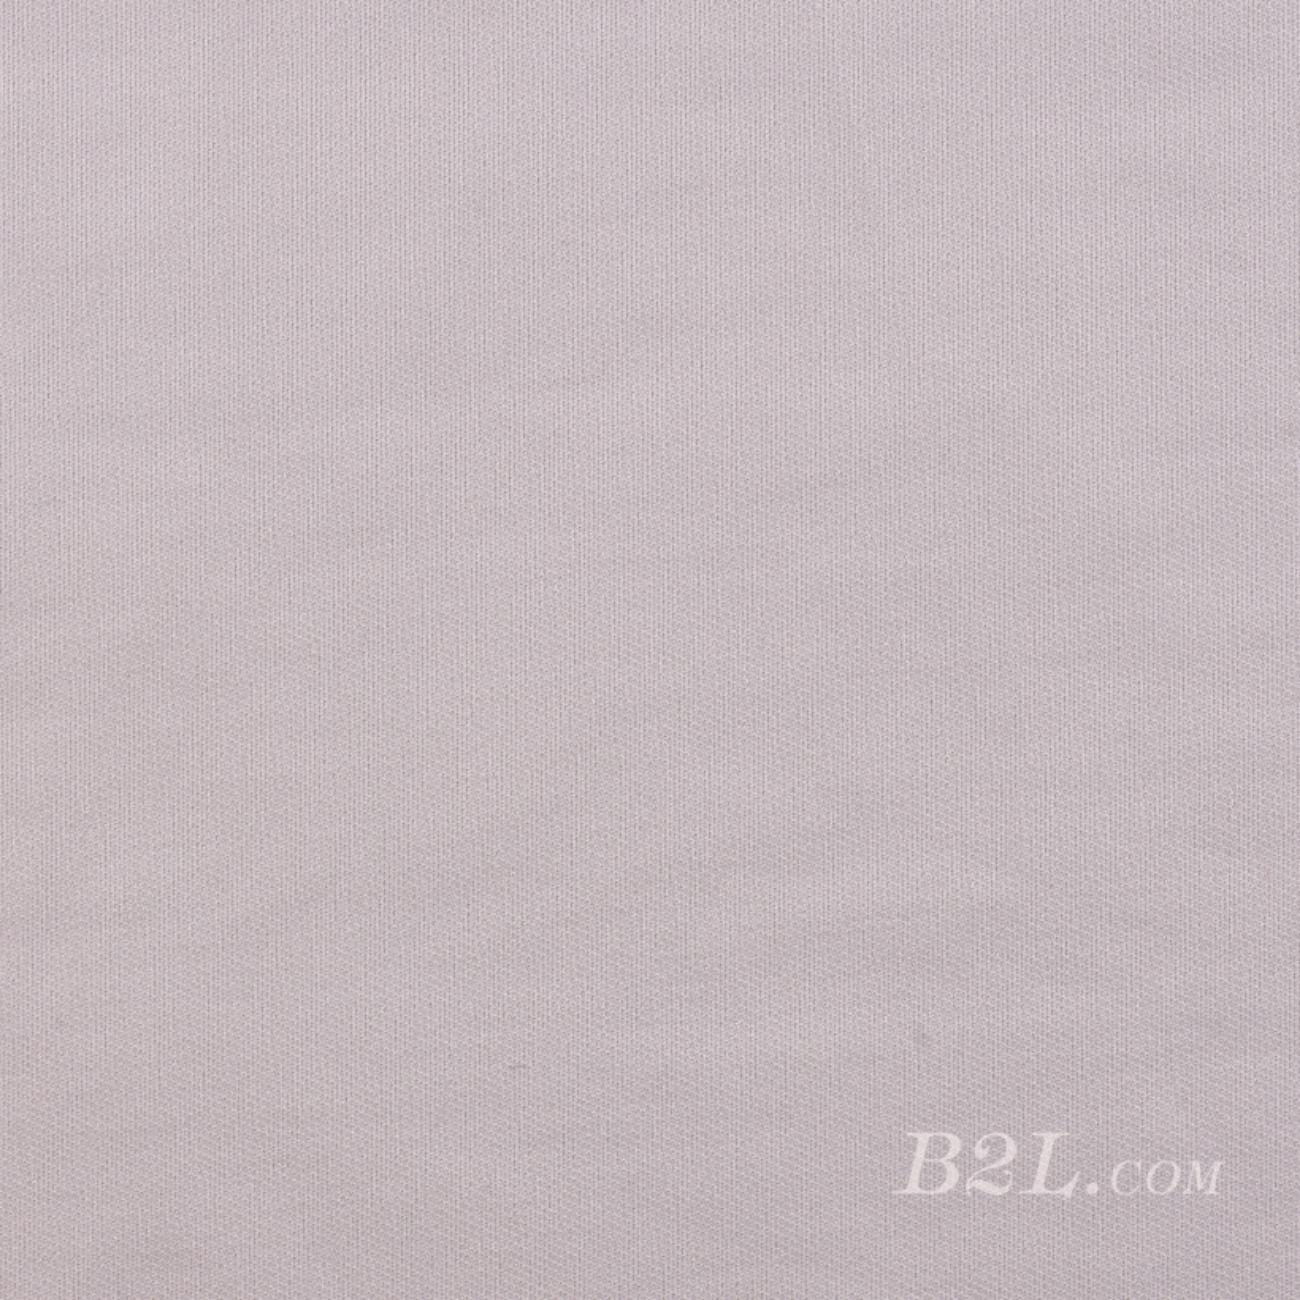 针织染色素色面料-春秋休闲服裤装面料91123-7